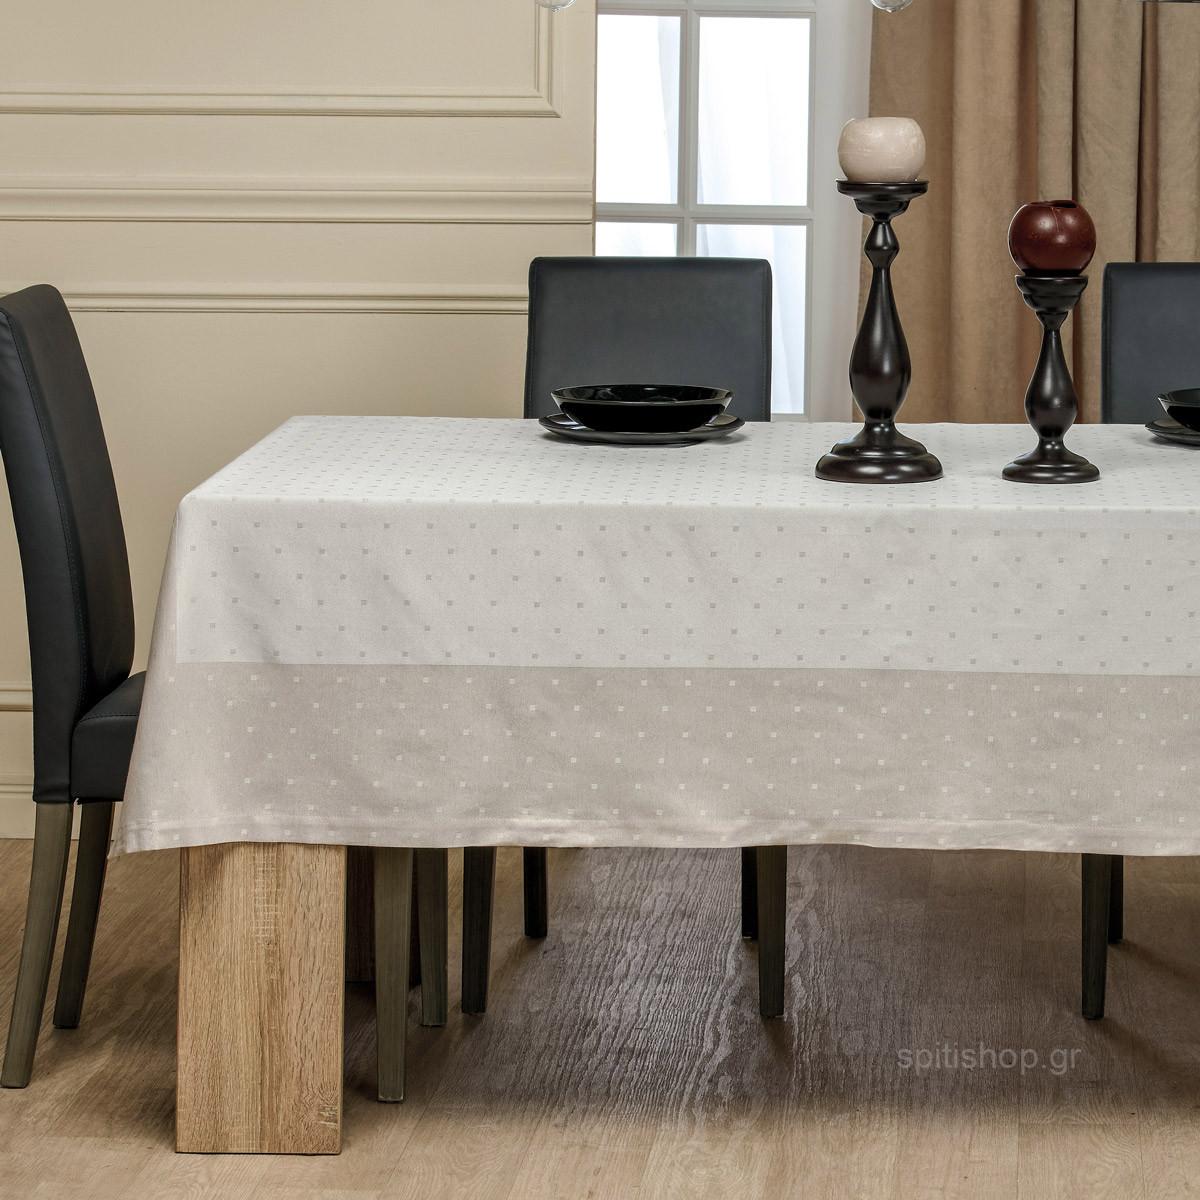 Τραπεζομάντηλο (160x310) Kentia Home Made Piazze 15 home   κουζίνα   τραπεζαρία   τραπεζομάντηλα